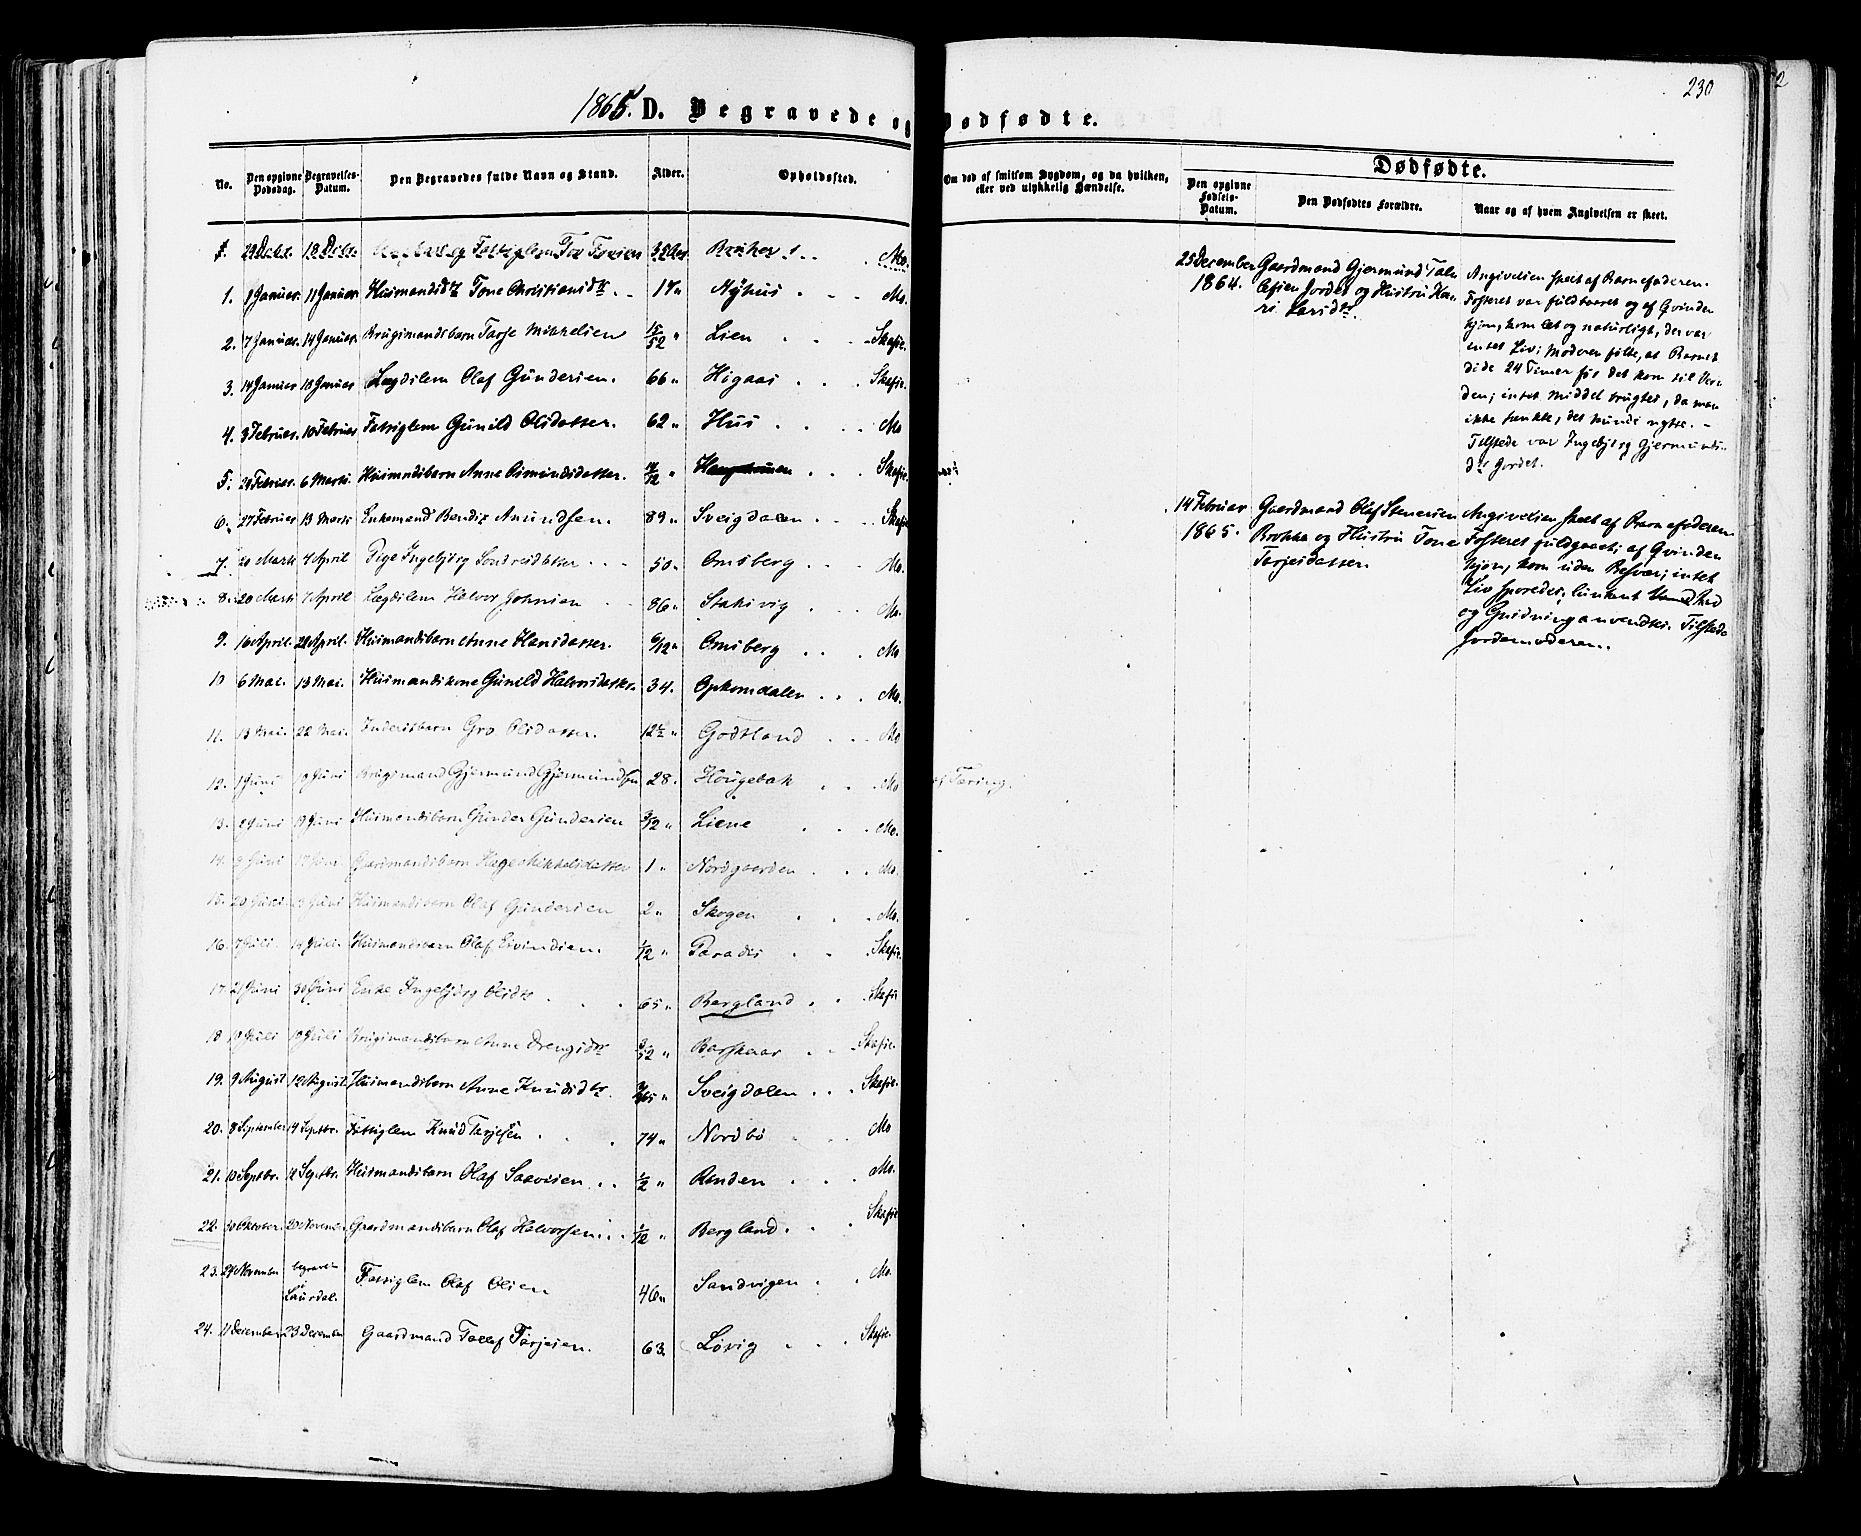 SAKO, Mo kirkebøker, F/Fa/L0006: Ministerialbok nr. I 6, 1865-1885, s. 230